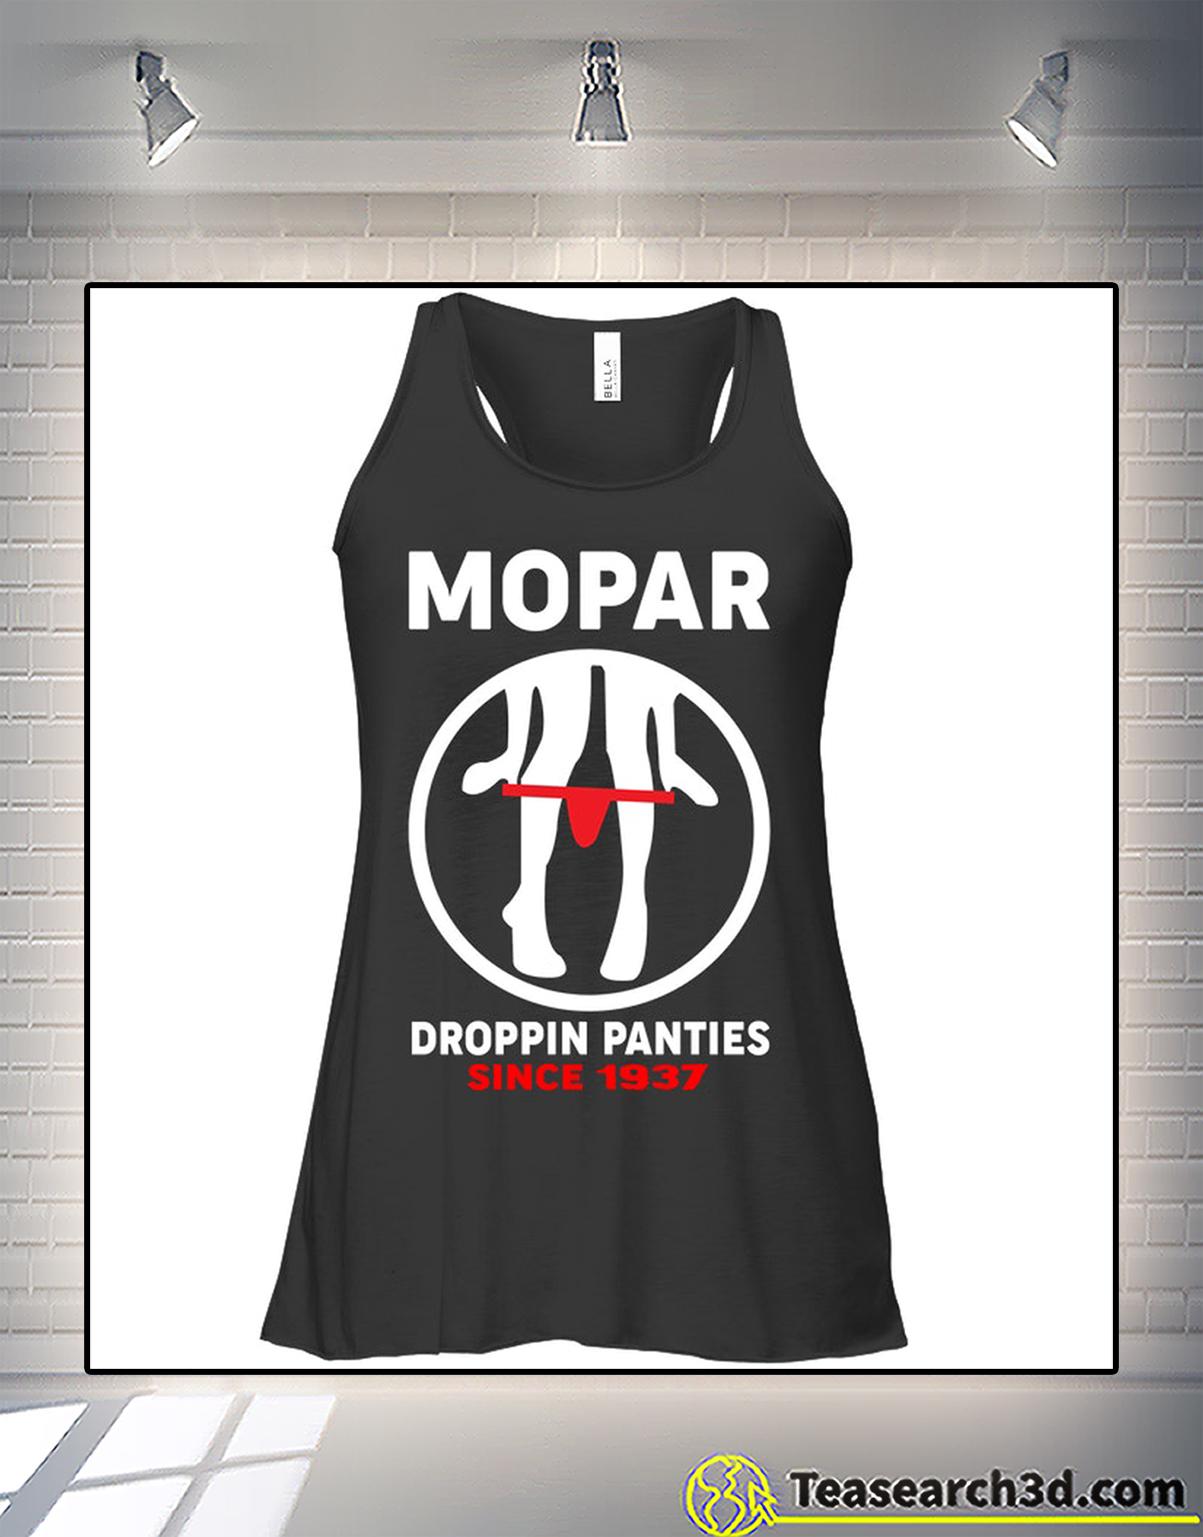 Mopar droppin panties since 1937 flowy tank